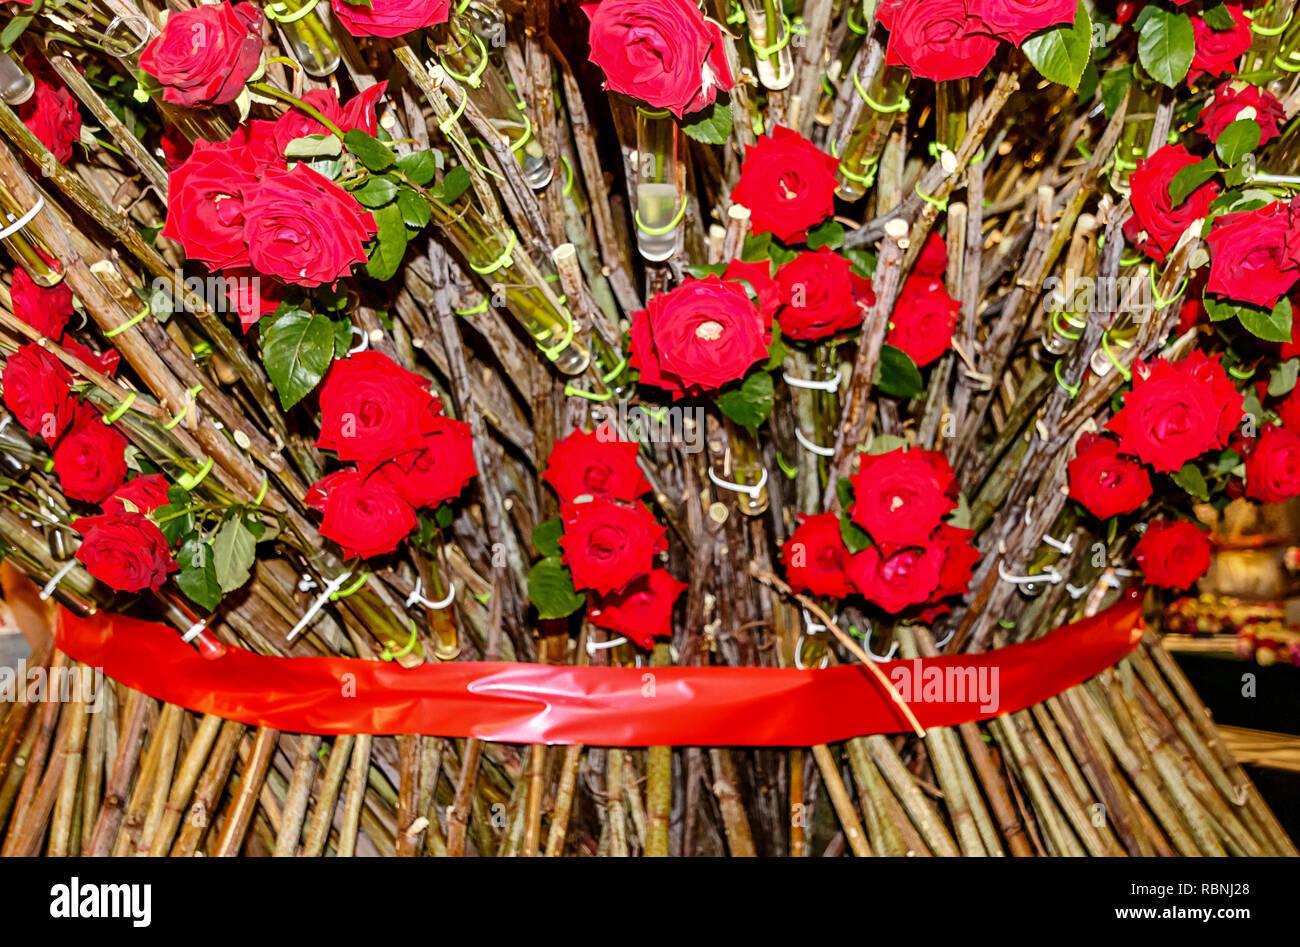 Mazzo Di Fiori Gigante.Sfondo Floreale Gigante Bouquet Di Rose Rosse Foto Immagine